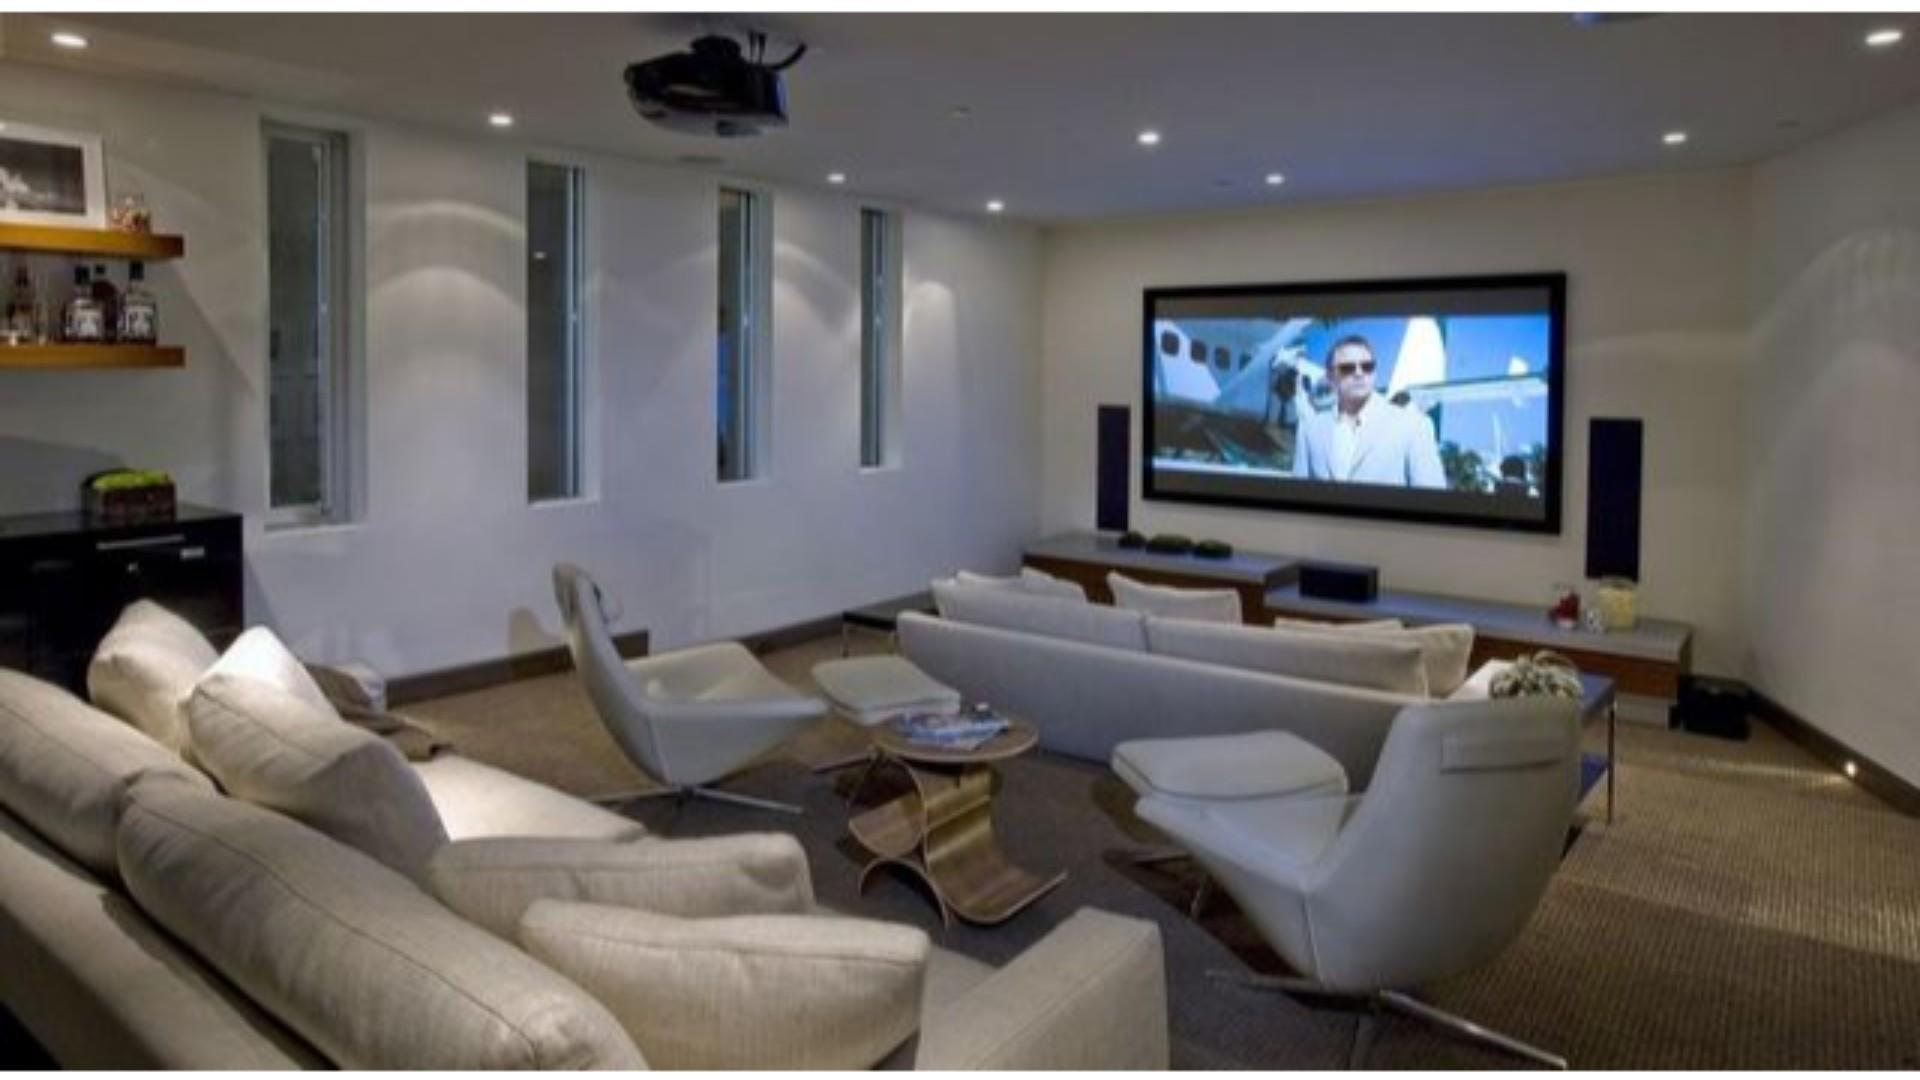 La maison du regretté Avicii à Los Angeles a trouvé preneur [PHOTOS]